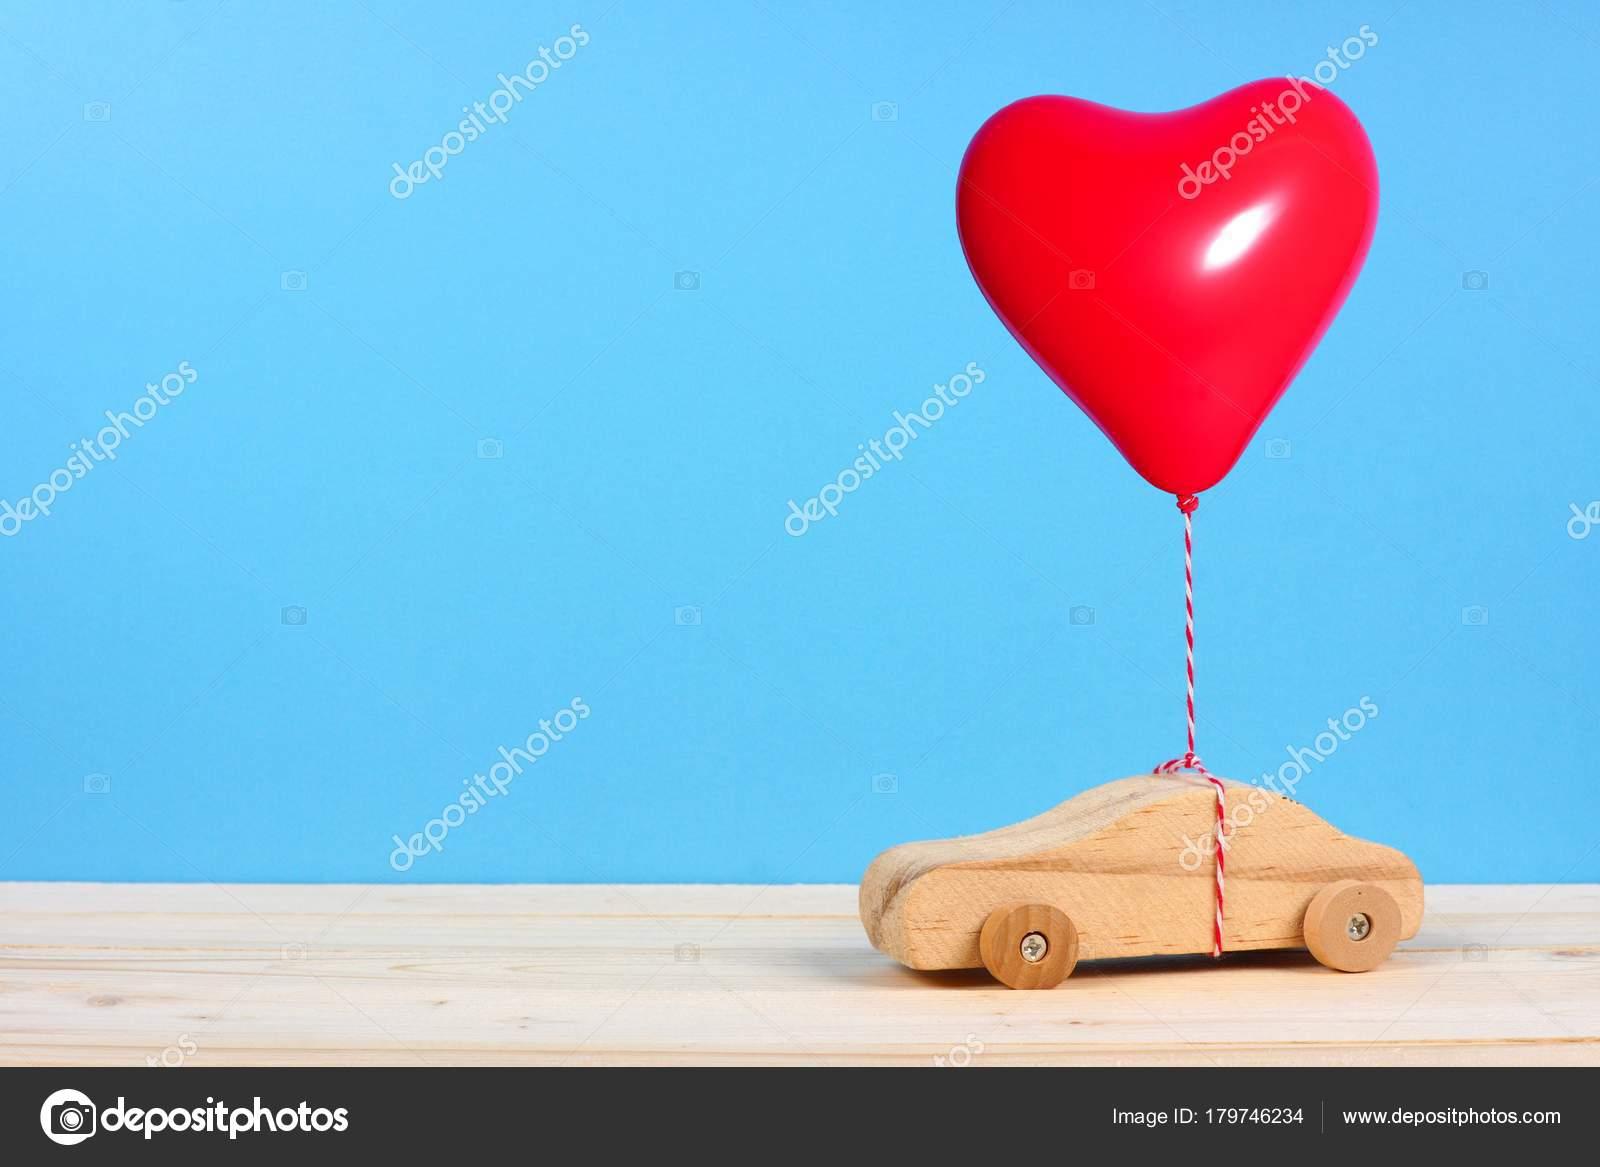 Bleu Sur Fond Jouet Rouge Voiture Bois Avec Ballon Coeur UzMSVp